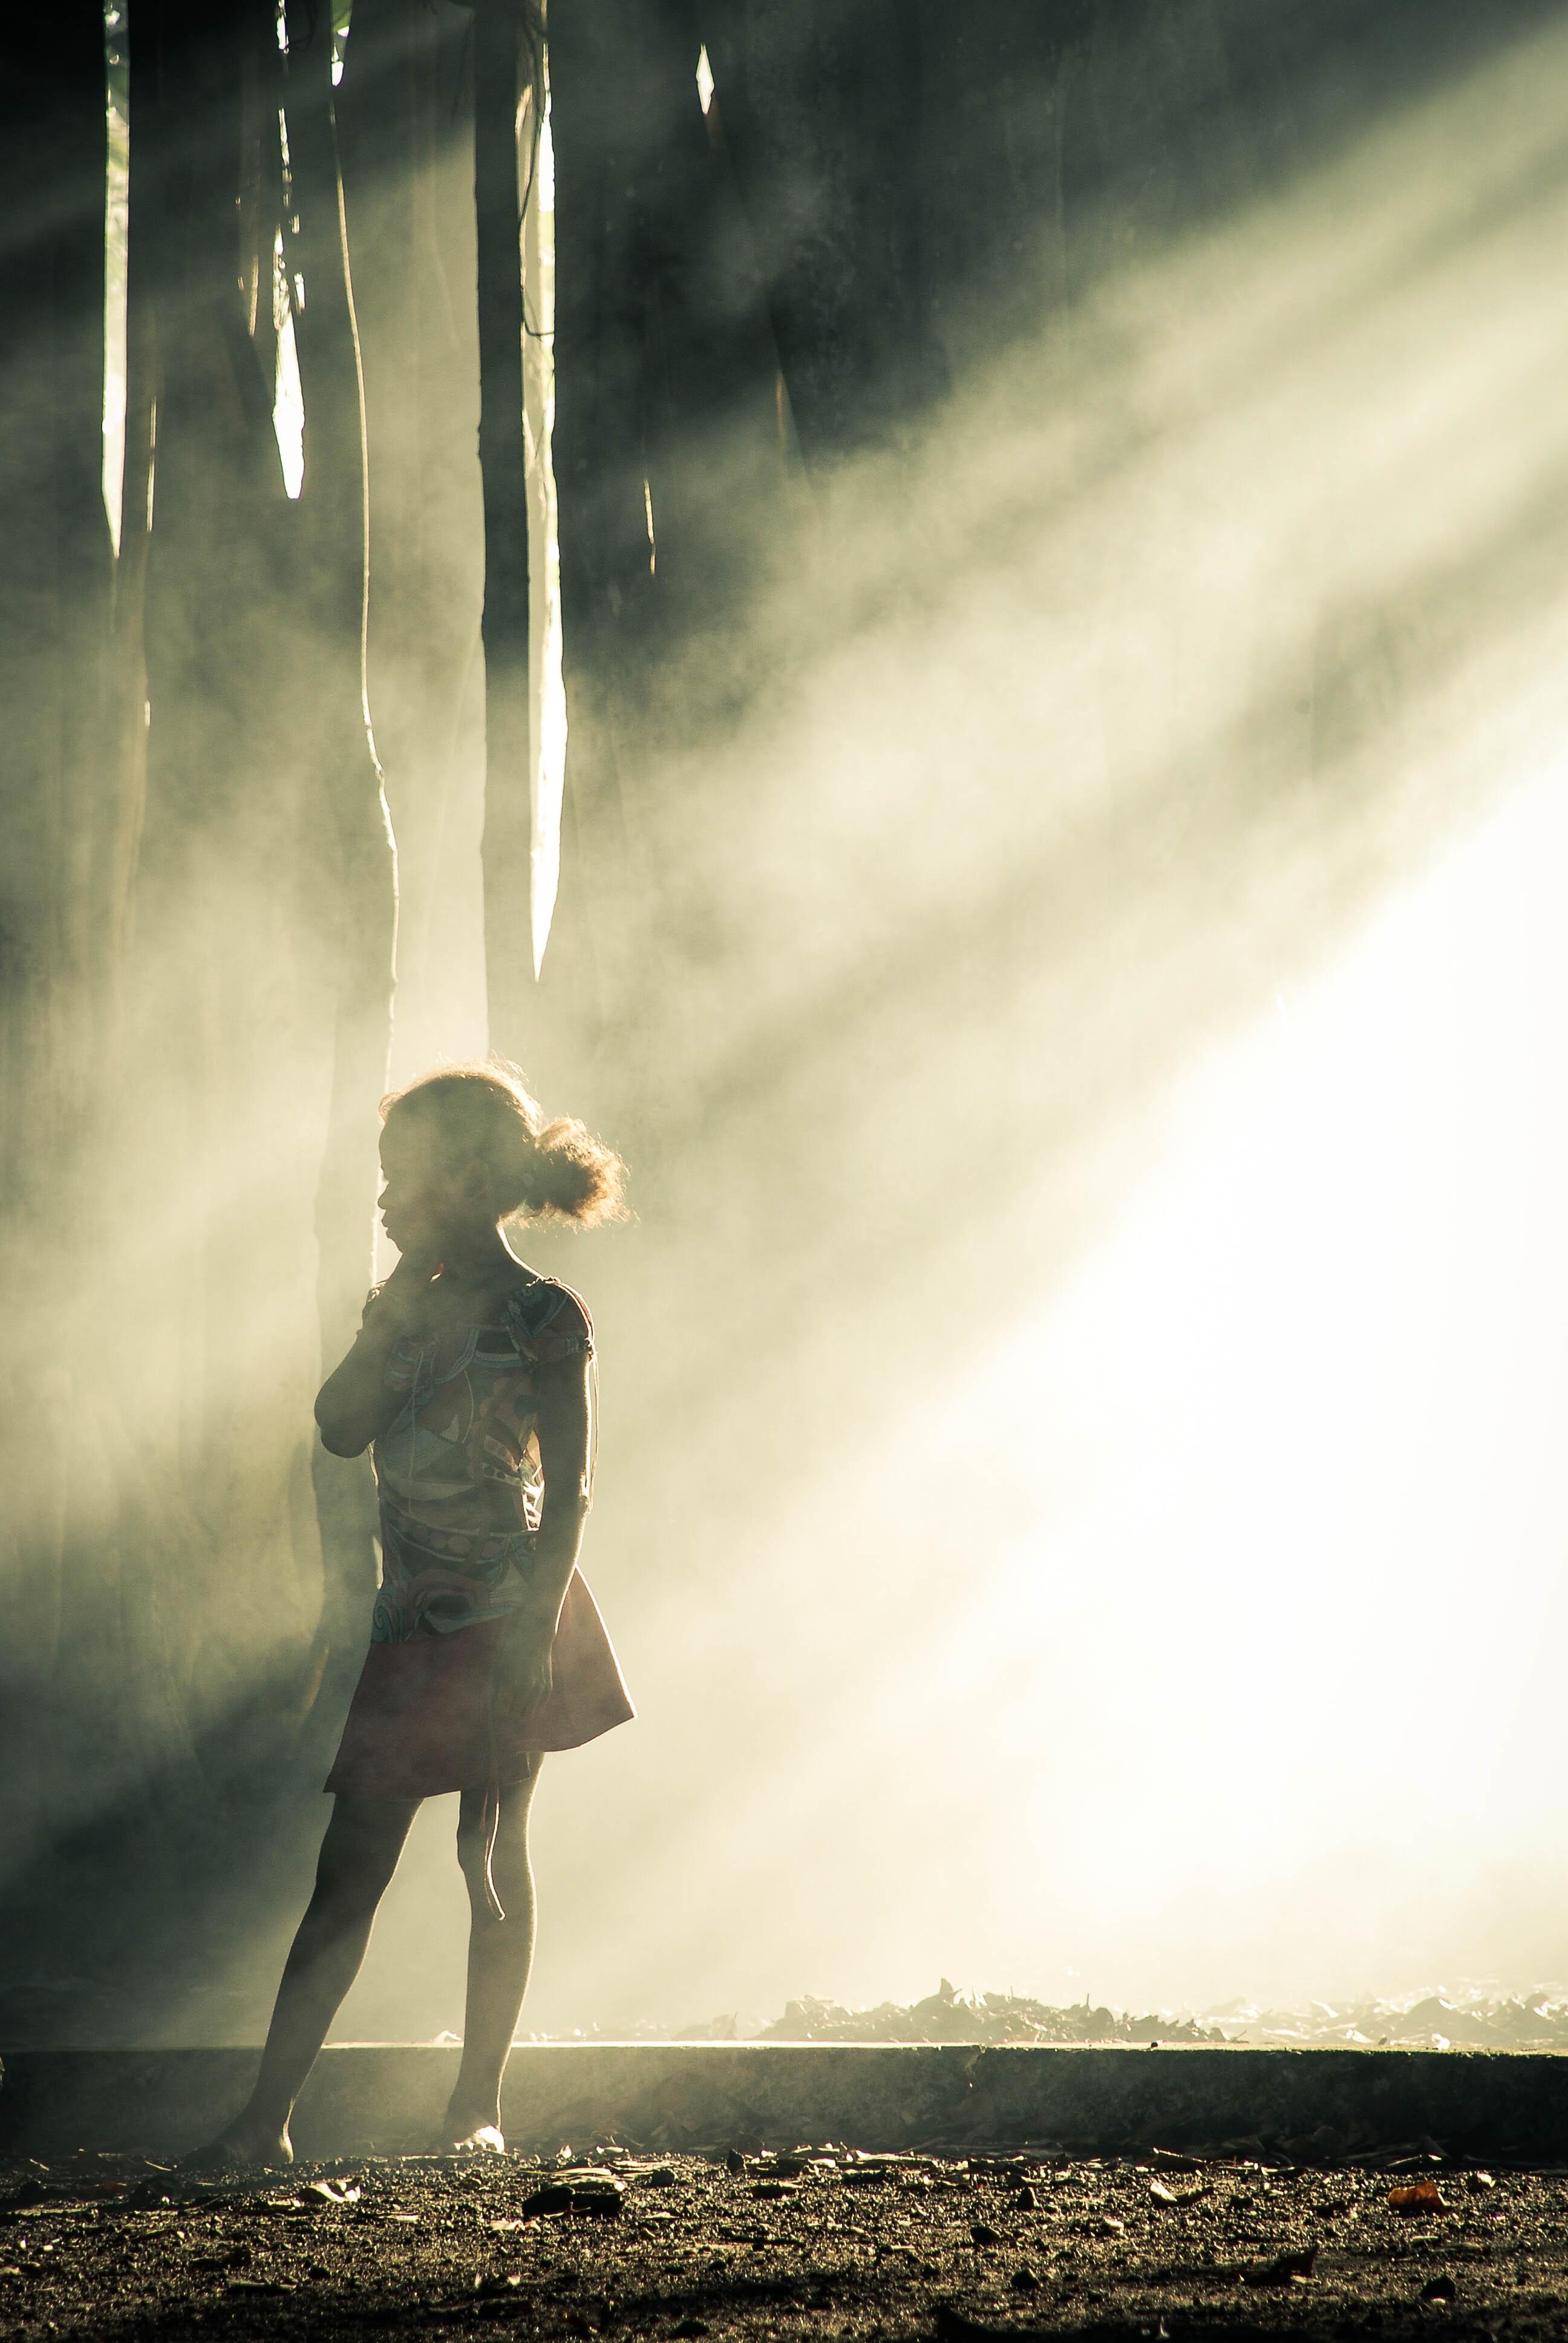 reportage, photo reportage, photographe, laurie diaz, street, rue, street photography, enfants, madagascar, dust, poussière, lumière, rayon, soleil, beauté, contre jour, couleur, ambiance, people